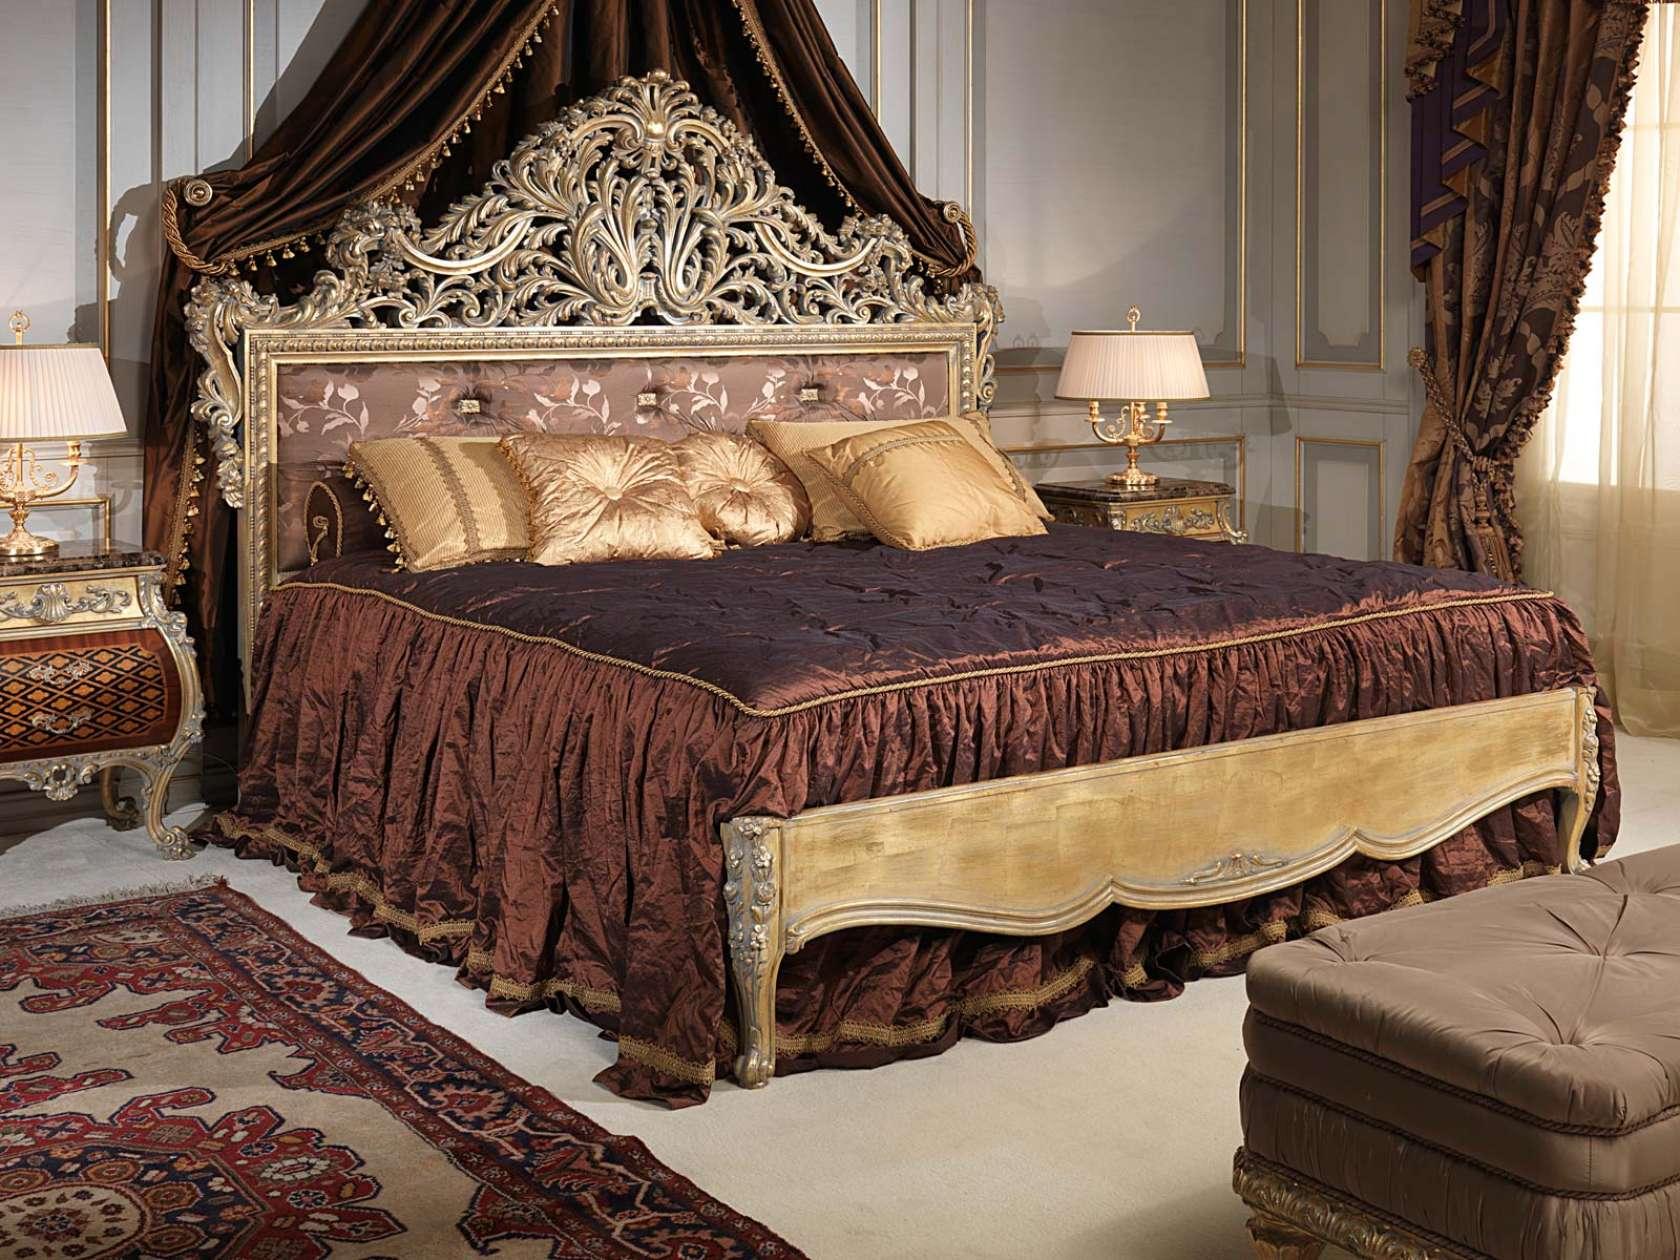 camera da letto emperador gold stile luigi xv mobili classici di lusso vimercati meda. Black Bedroom Furniture Sets. Home Design Ideas